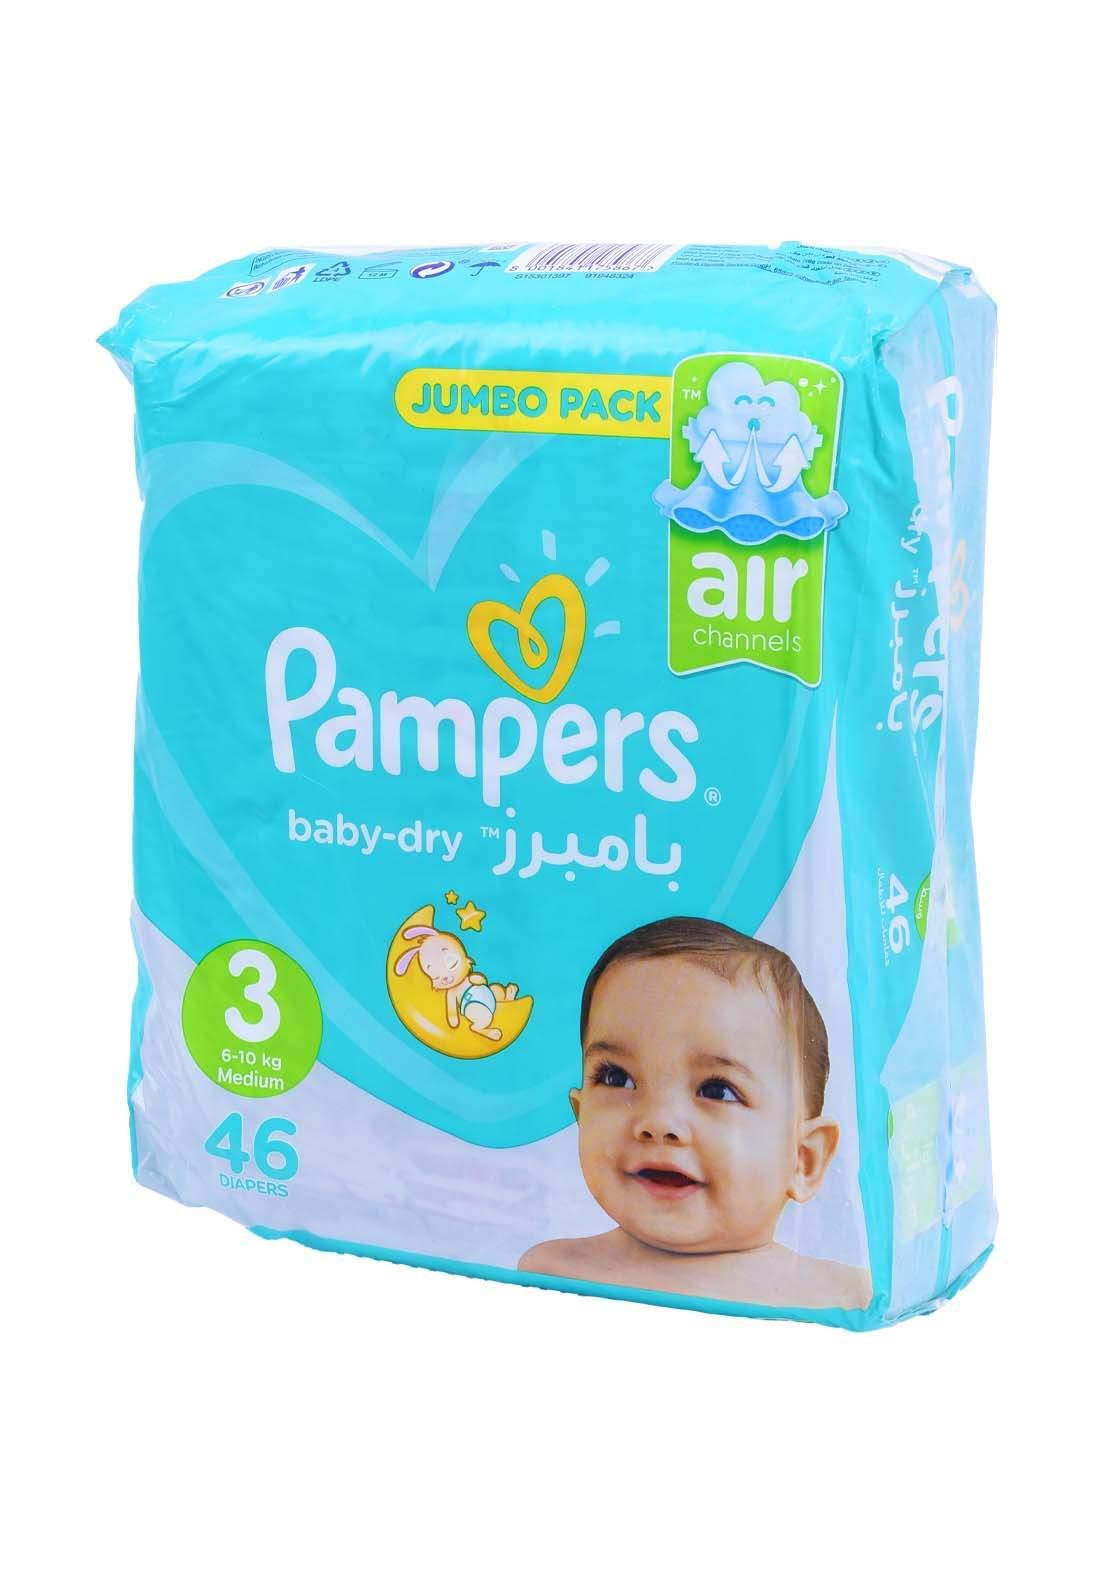 Pampers 6-10 Kg 46 Pcs حفاضات  بامبرز للاطفال عادي رقم 3